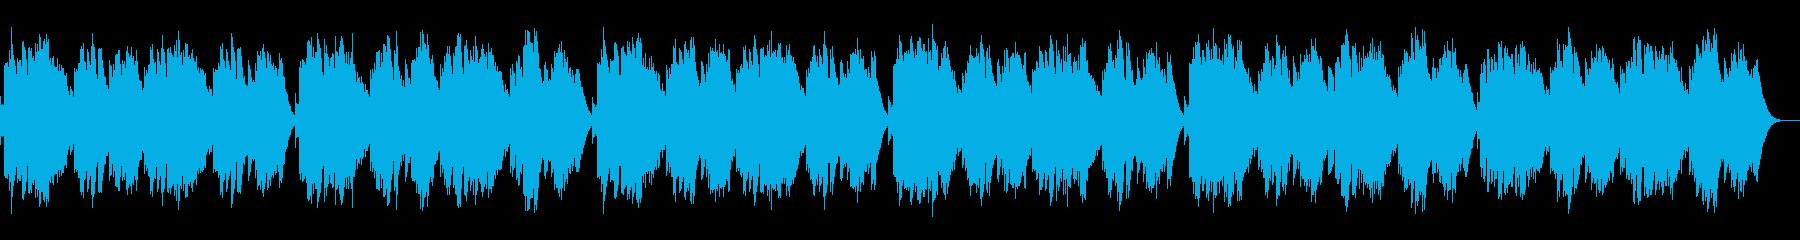 蛍の光 / オルゴール版の再生済みの波形